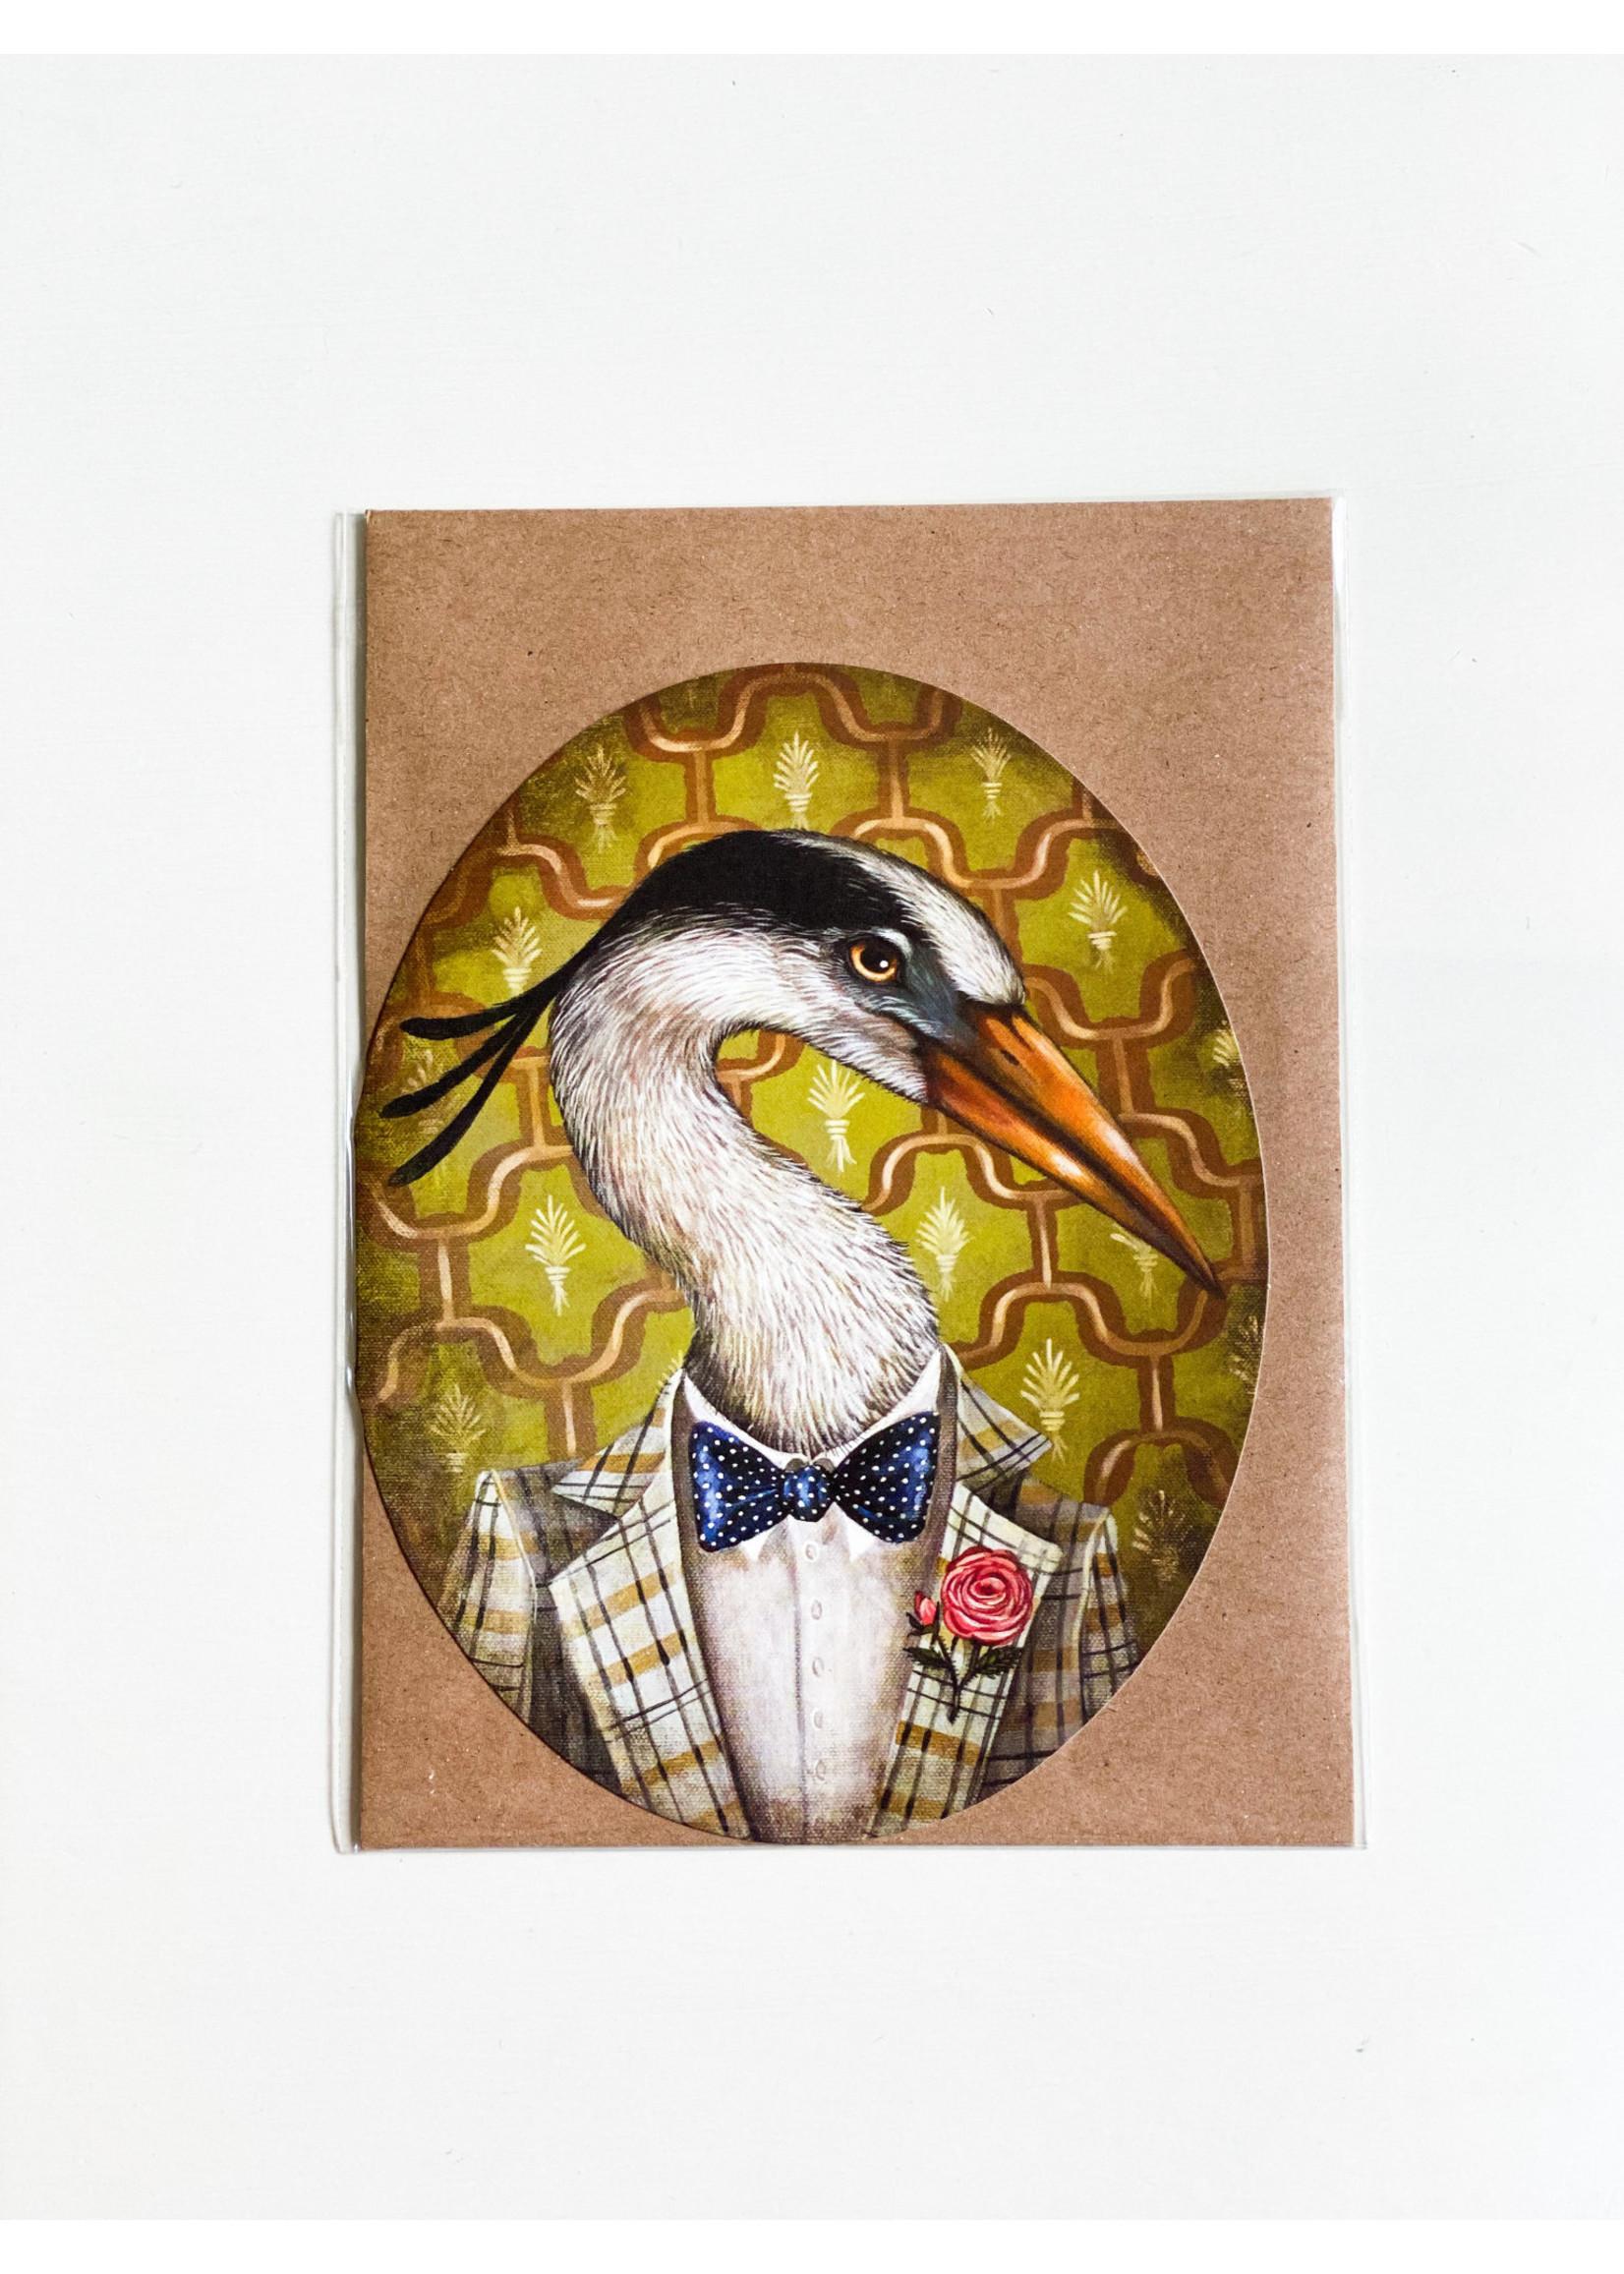 Hester & Cook Card - Mr Franklin B Heron